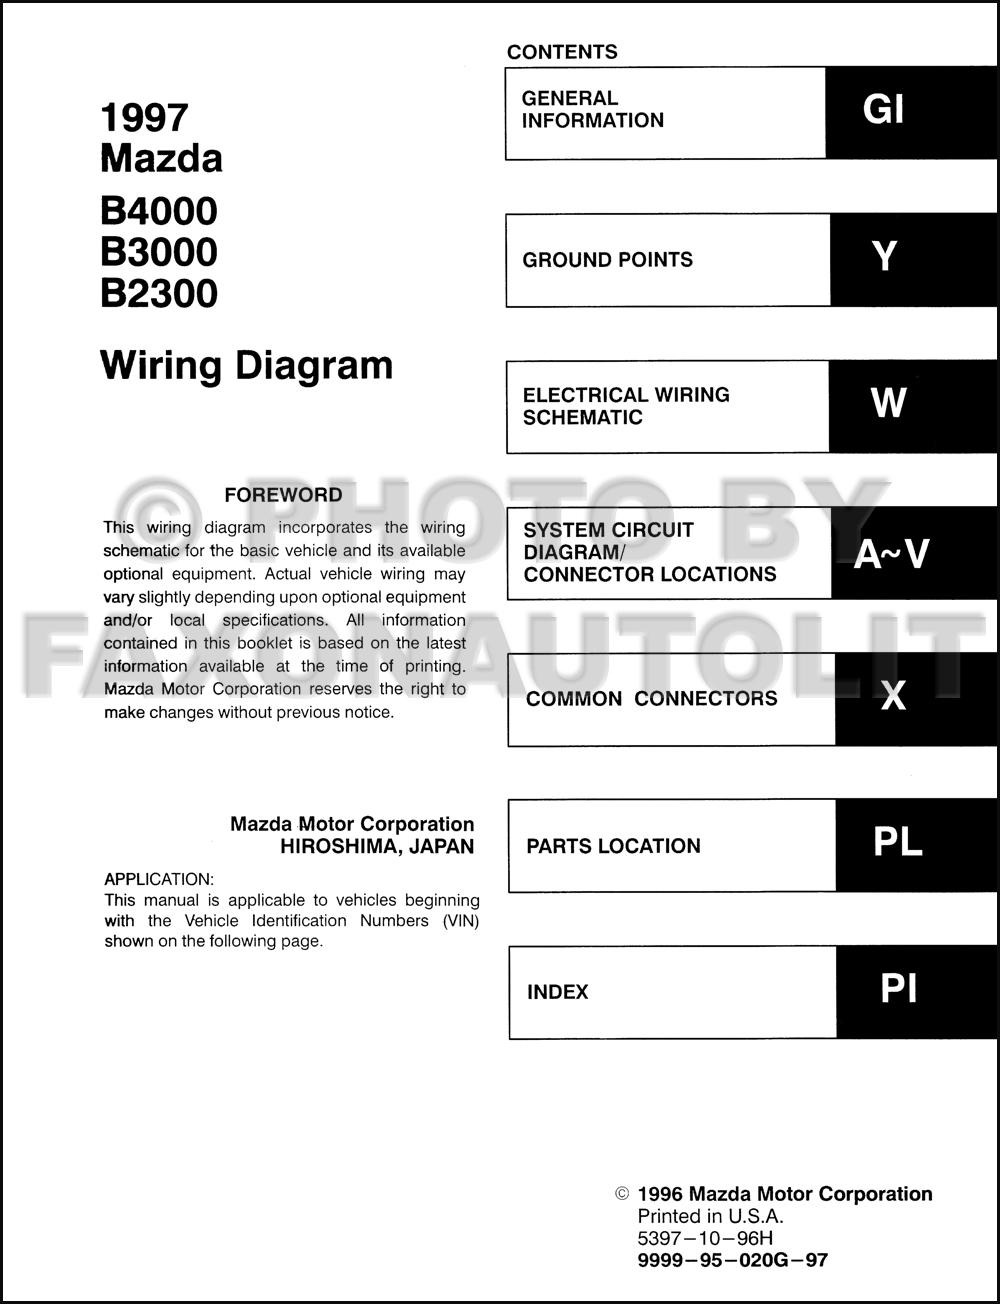 hight resolution of 1997 mazda wiring diagram 2 sg dbd de u20221997 mazda b4000 b3000 b2300 pickup truck